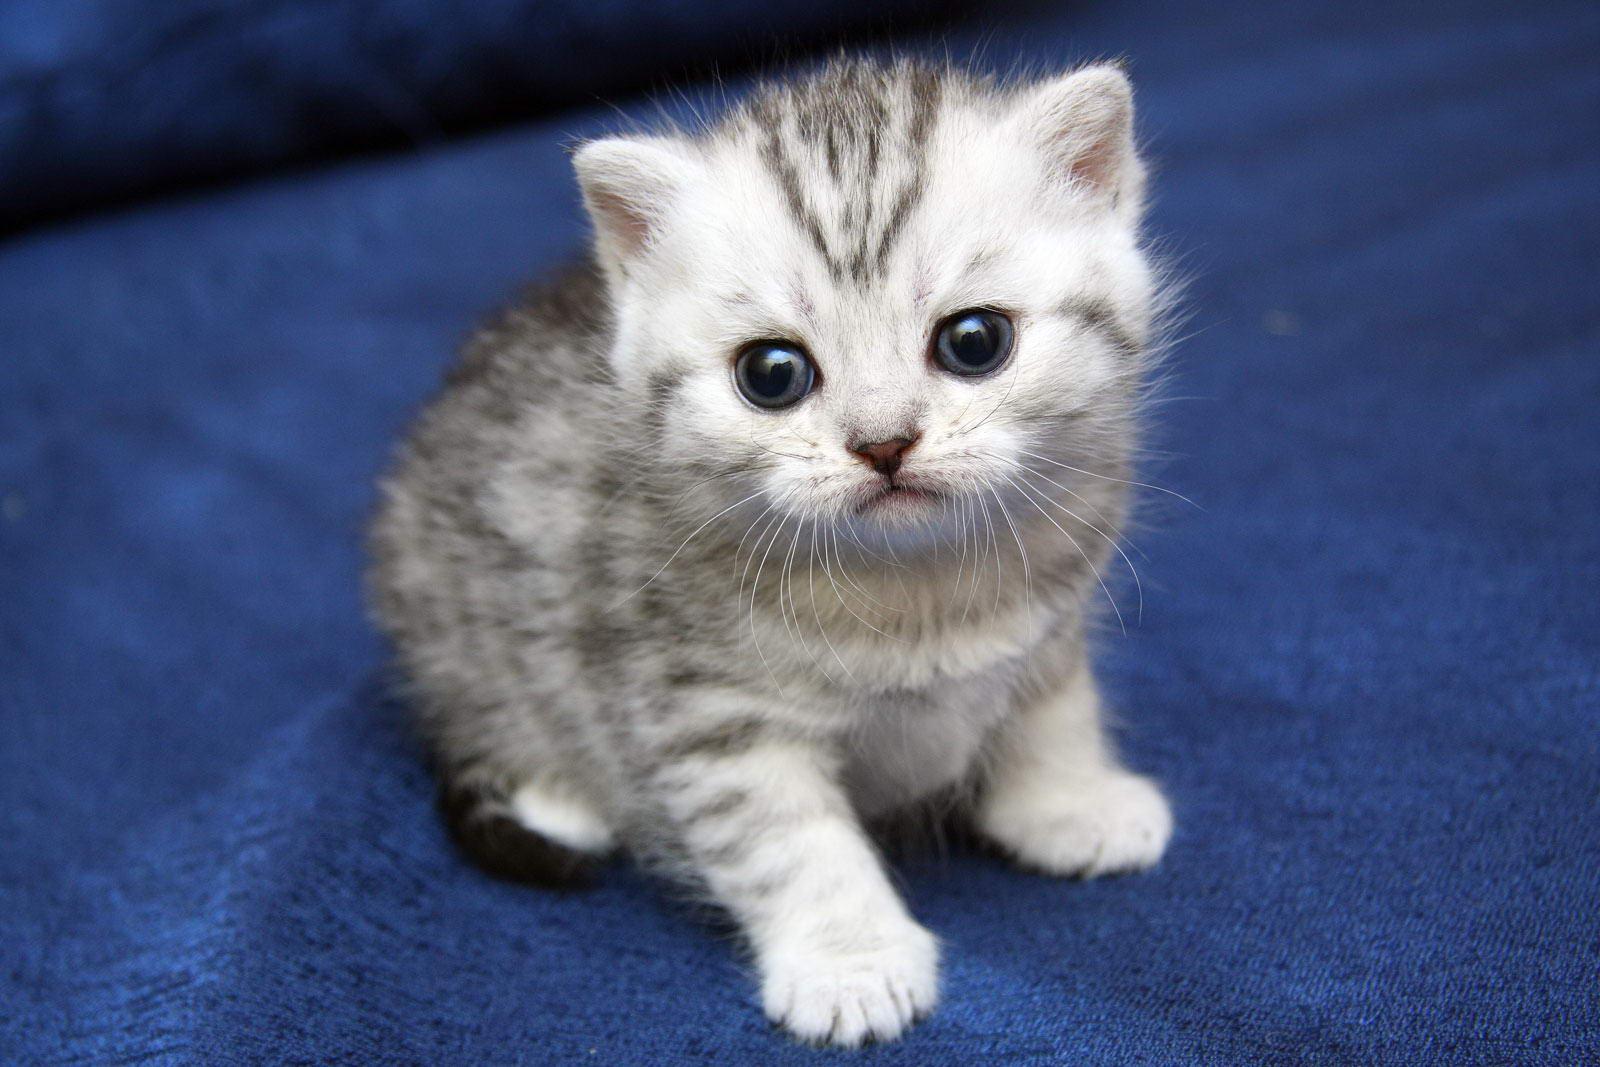 Кот и кошка - все о кошках и их хозяевах